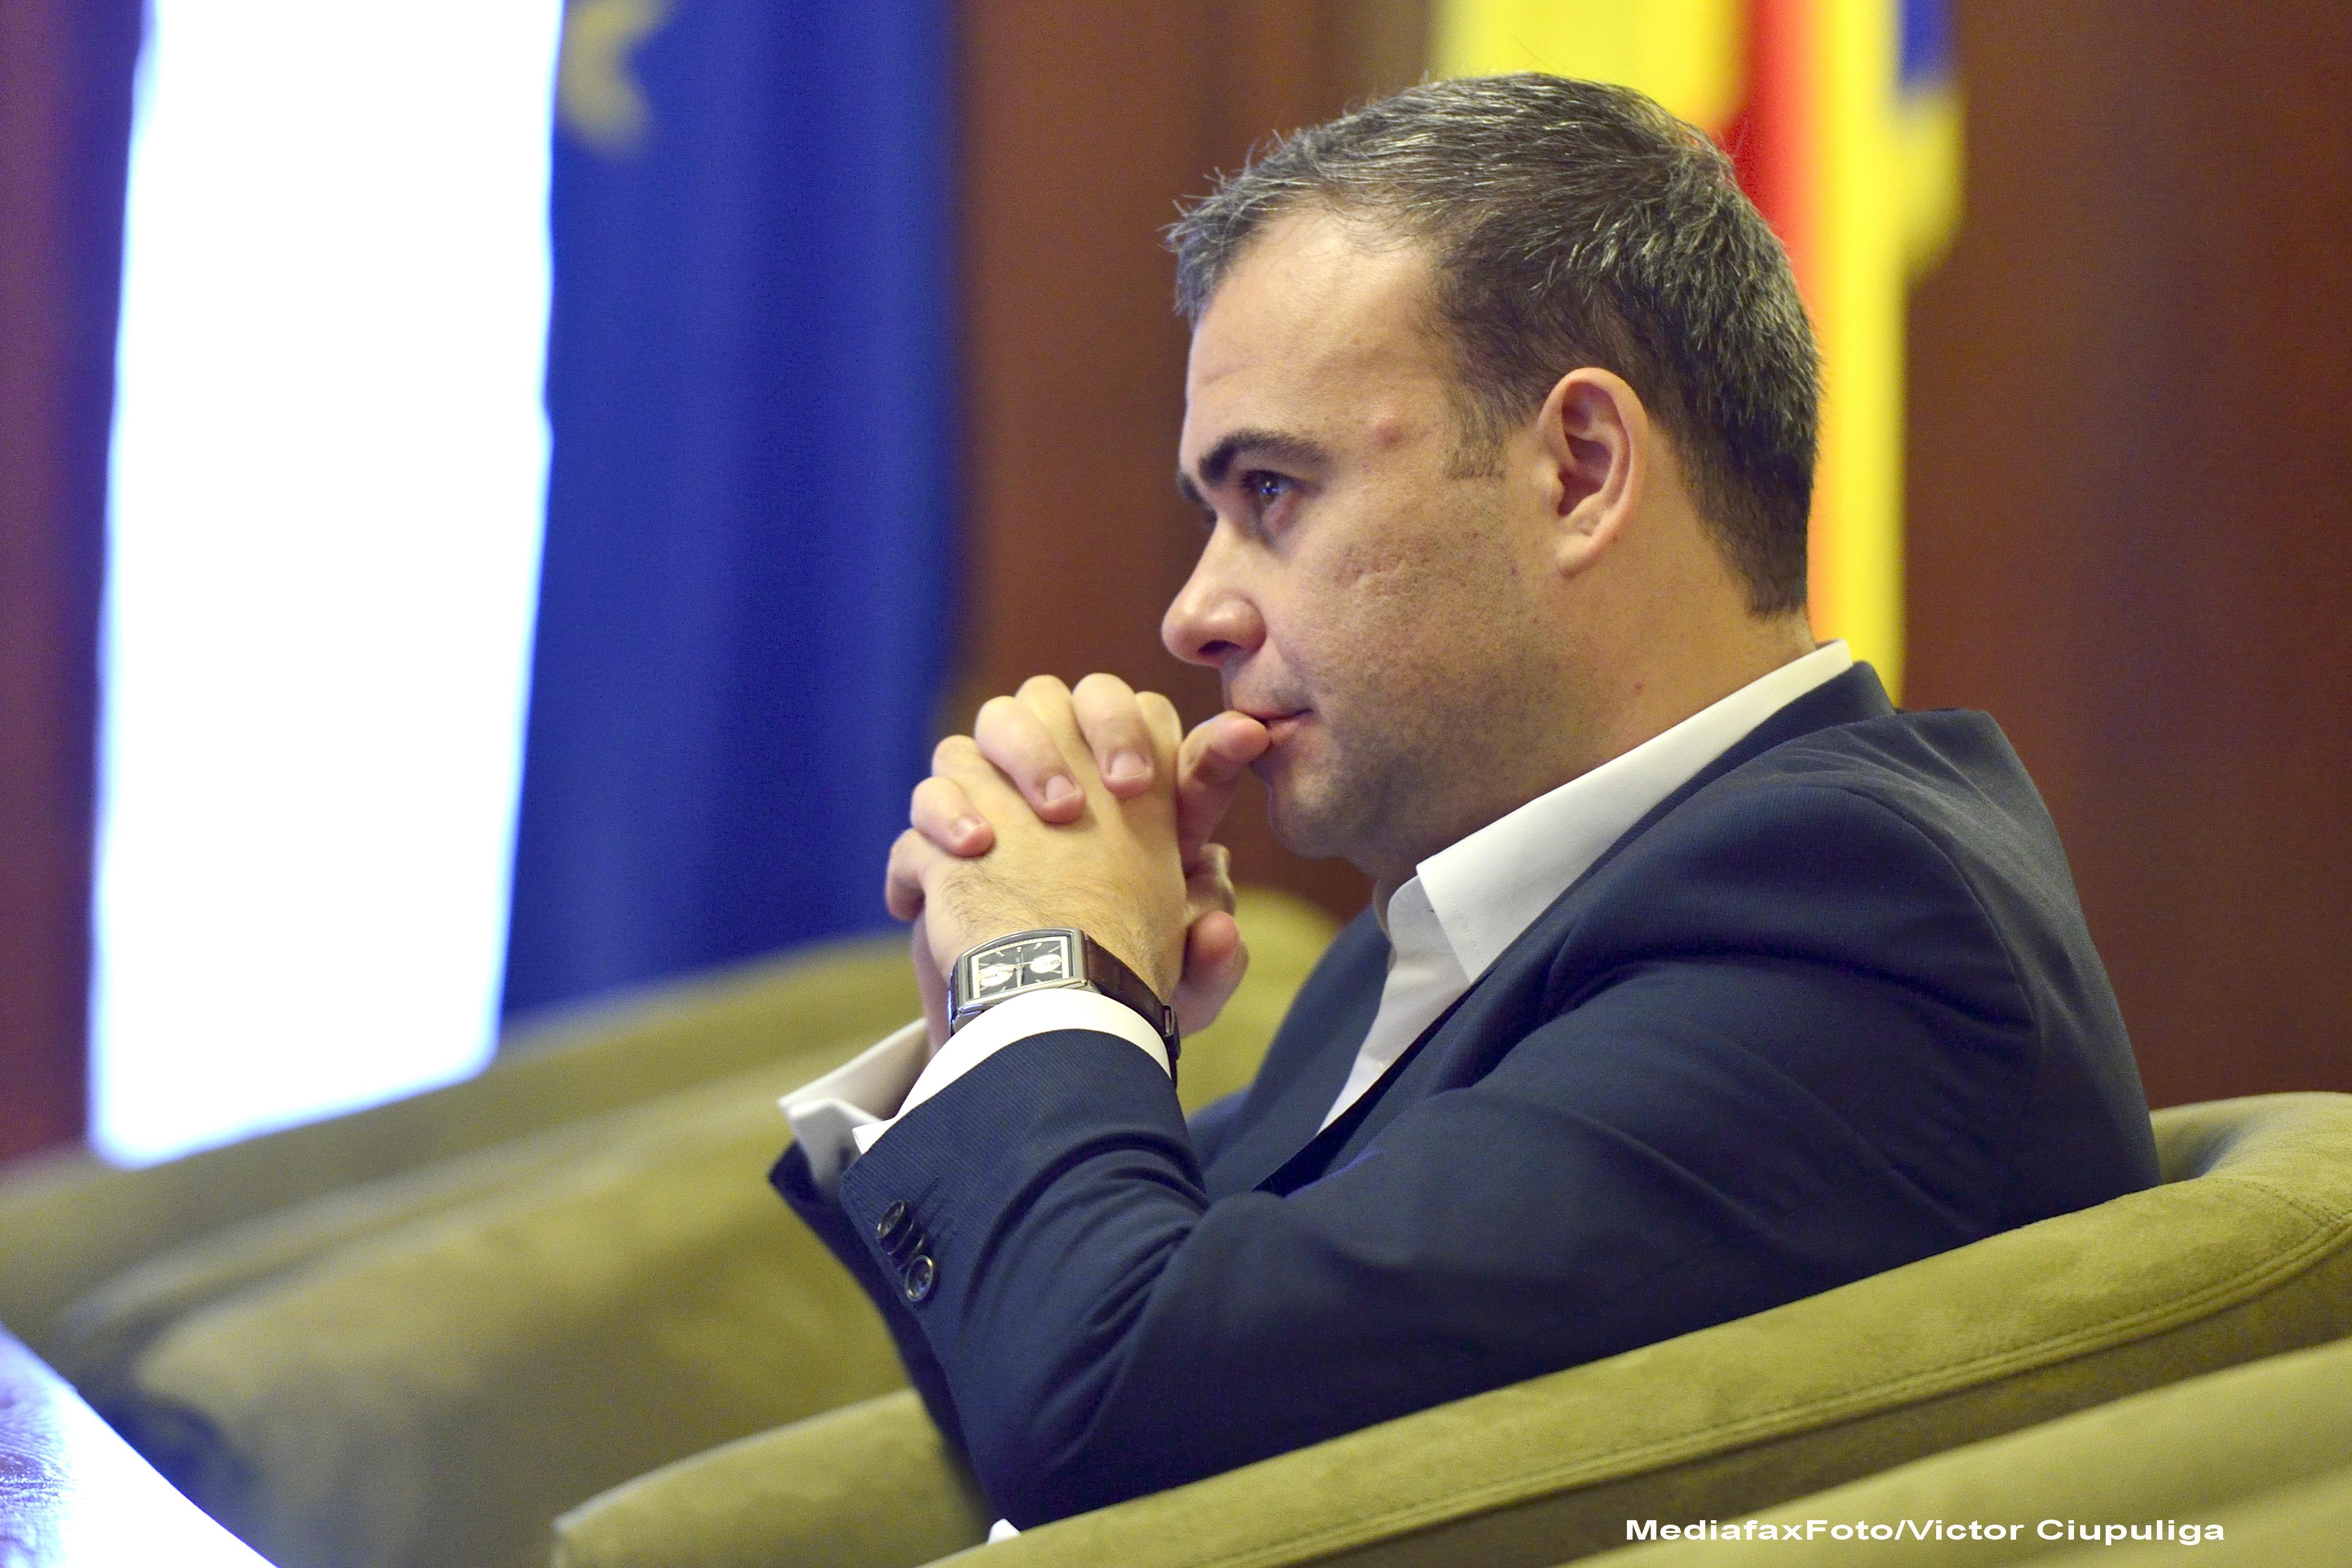 Cine este Darius Valcov, un fost membru marcant al PDL, propus de Ponta pentru functia de ministru delegat al Bugetului